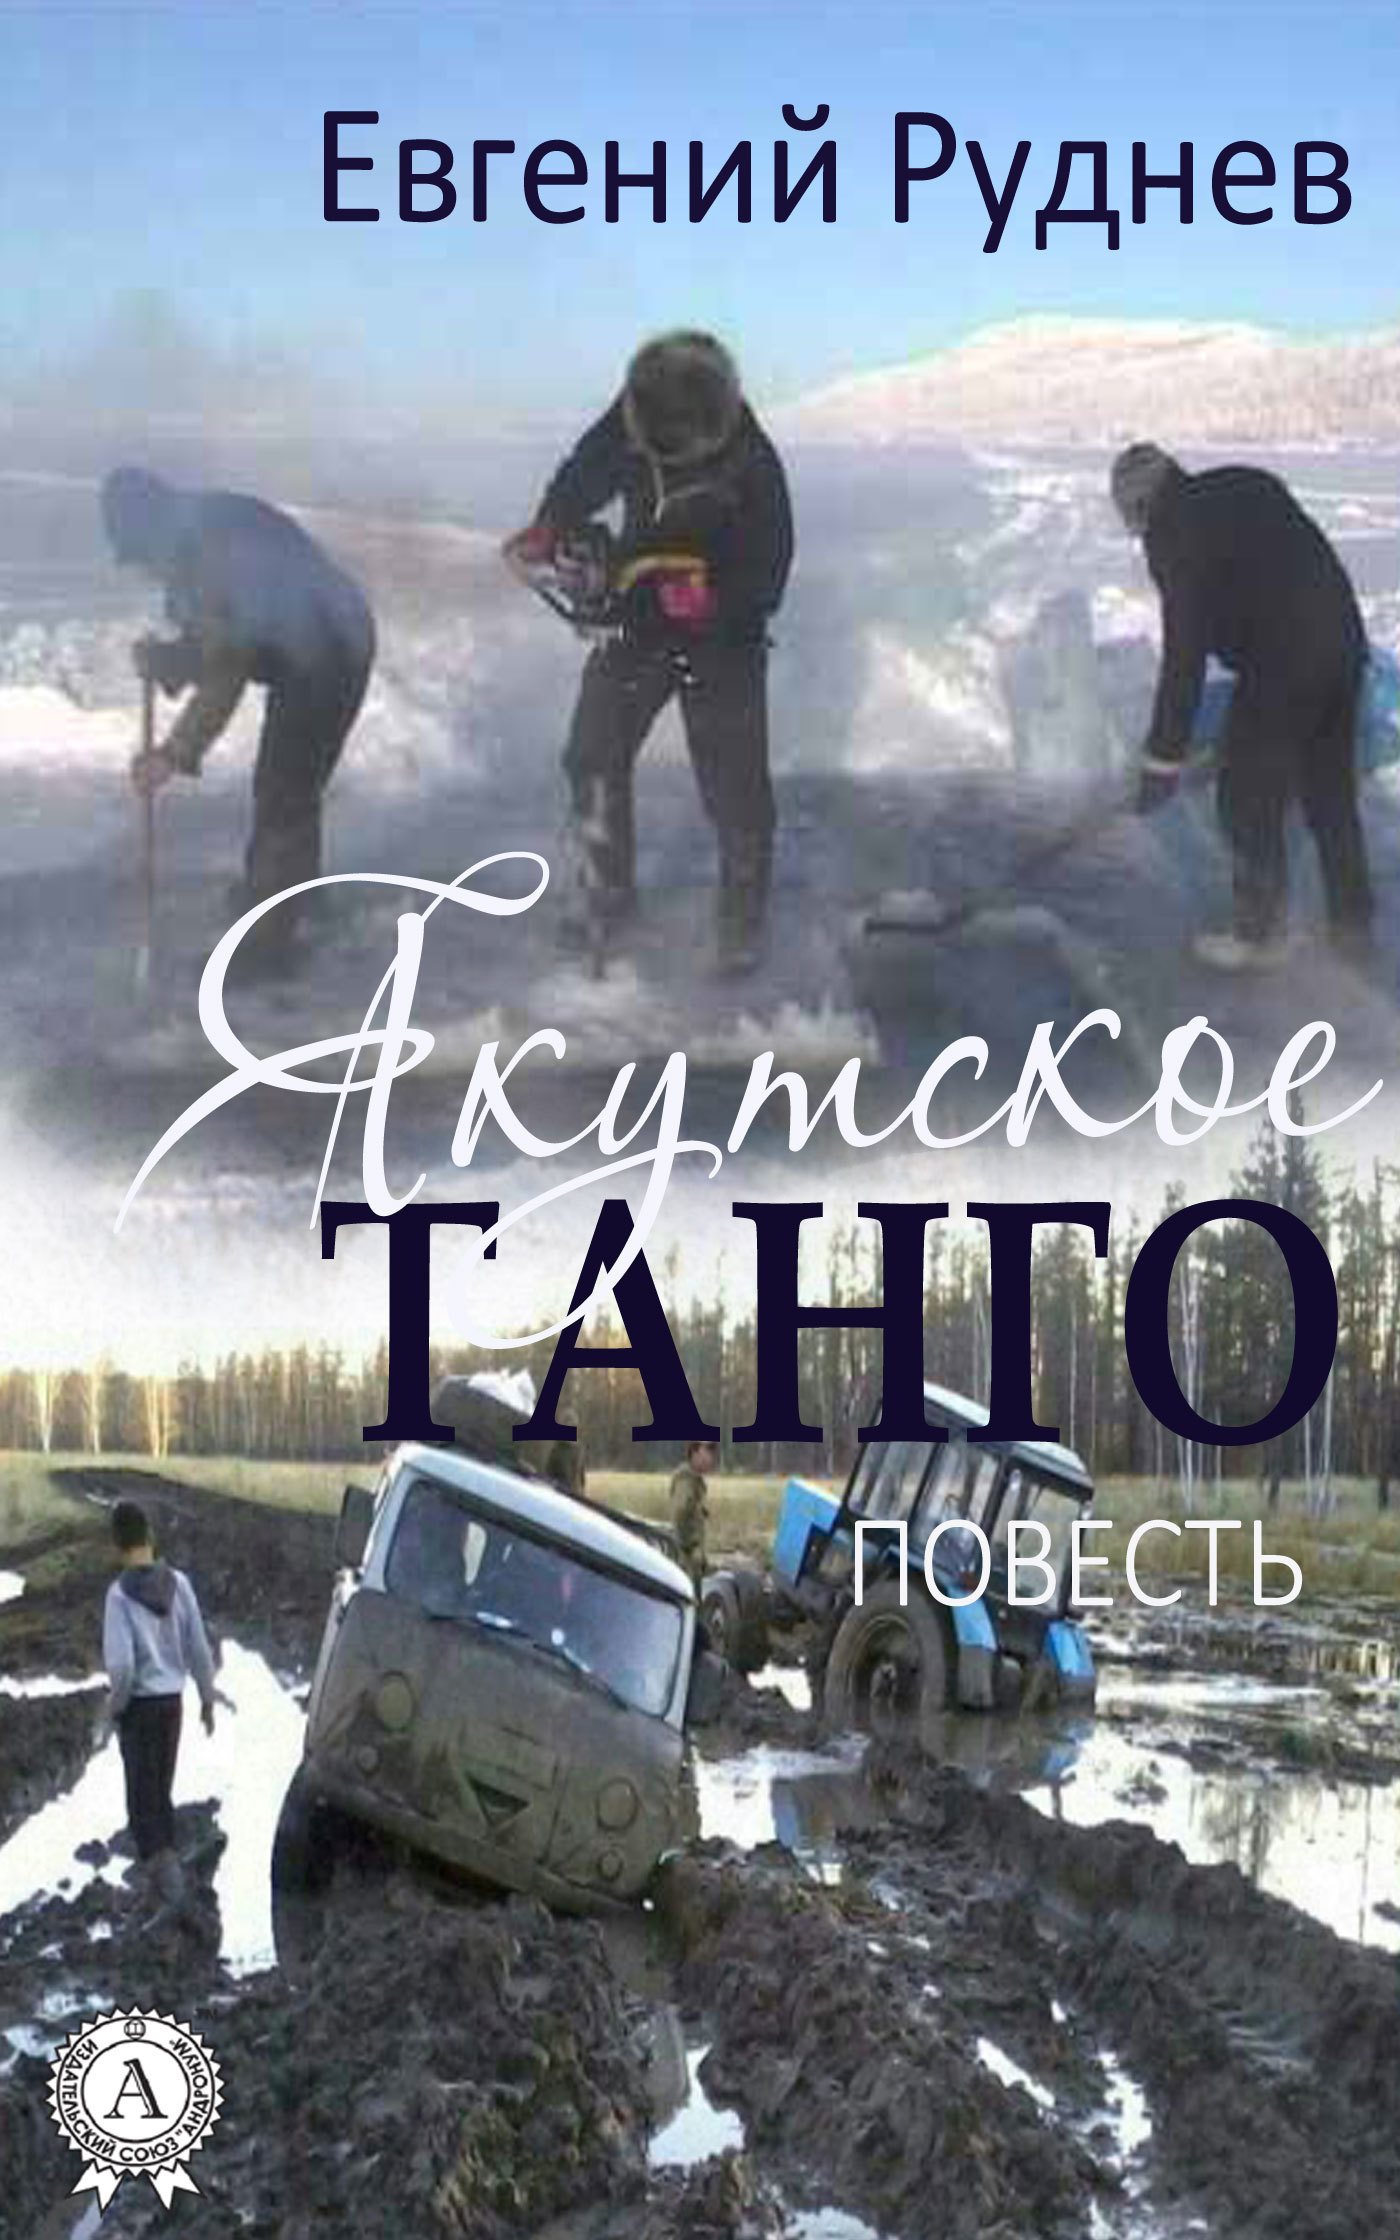 Евгений Руднев Якутское танго. (Повесть) билеты на концерт в киеве 3 марта дворец украины